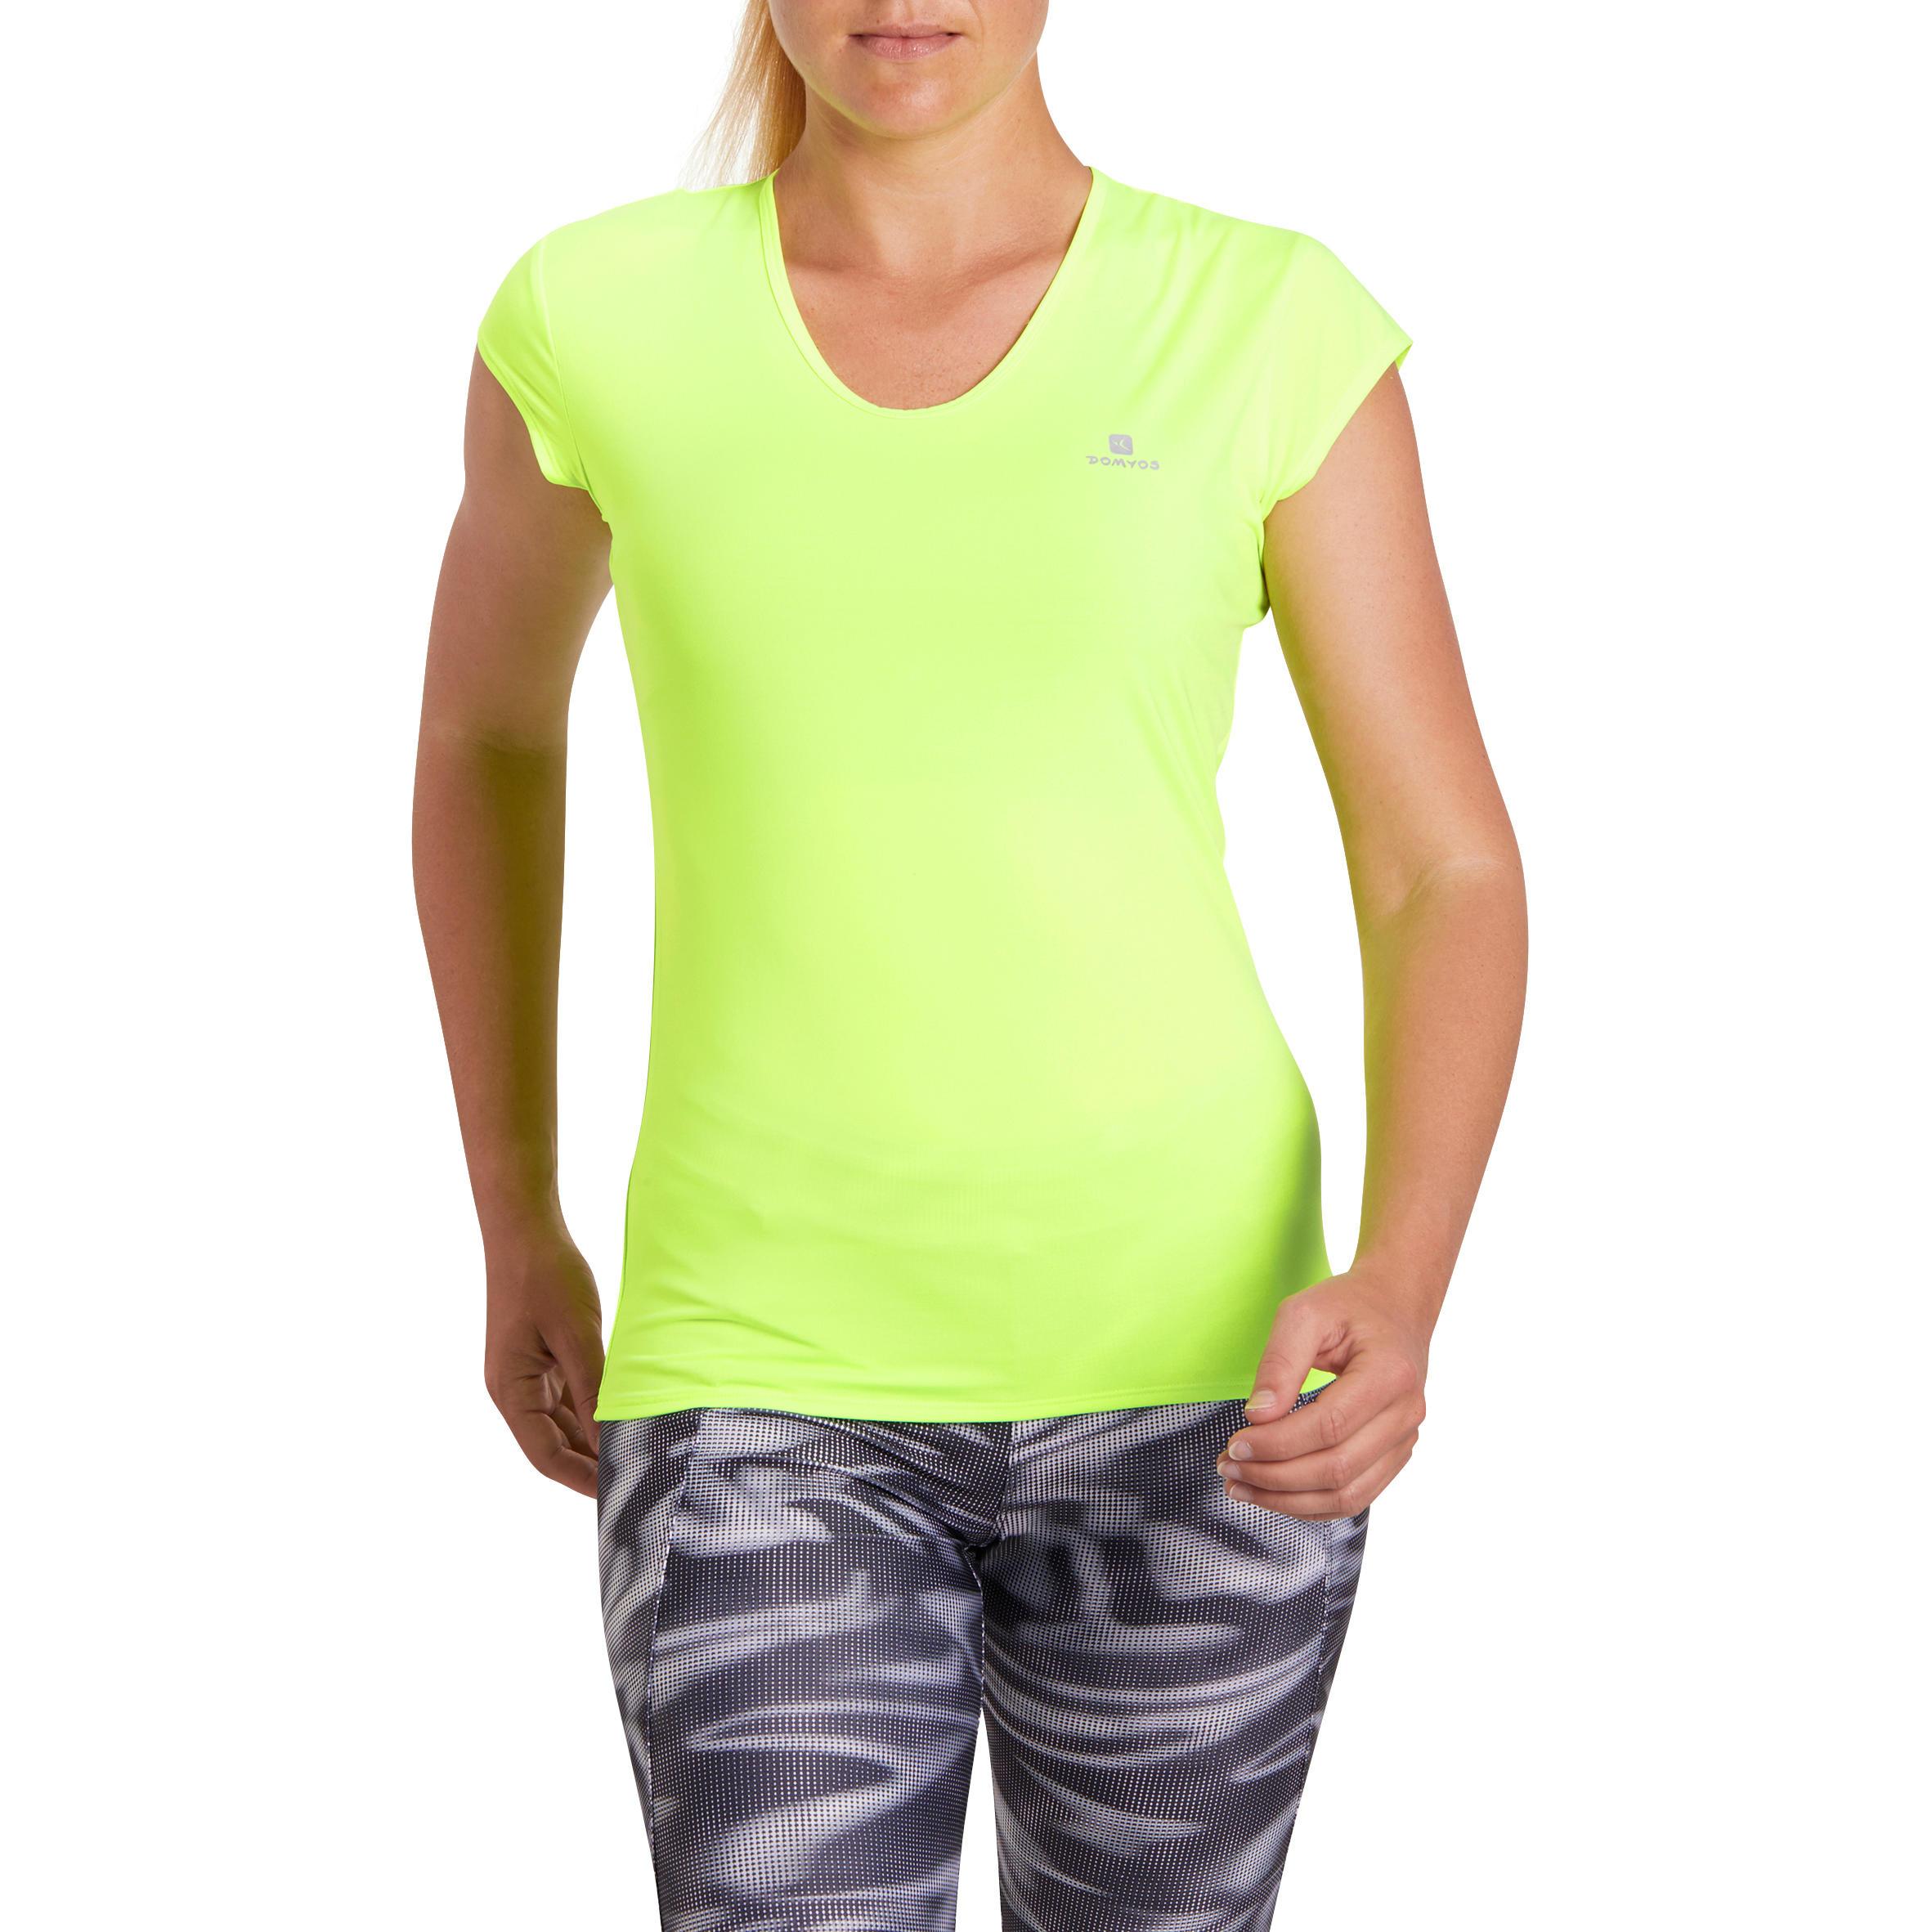 Domyos Dames T - shirt Energy voor cardiofitness